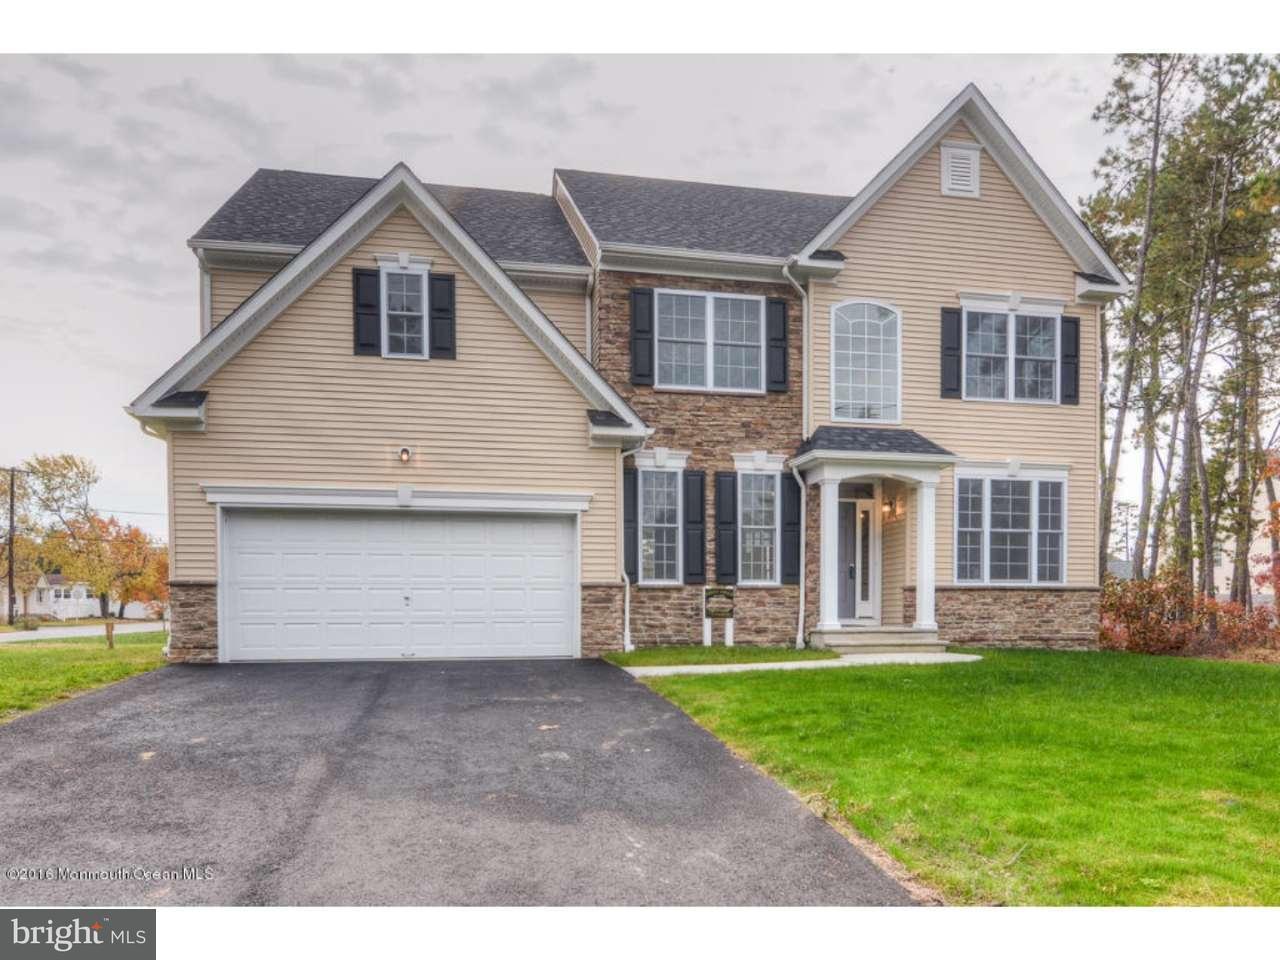 独户住宅 为 销售 在 1417 BIRMINGHAM Avenue 曼彻斯特, 新泽西州 08757 美国